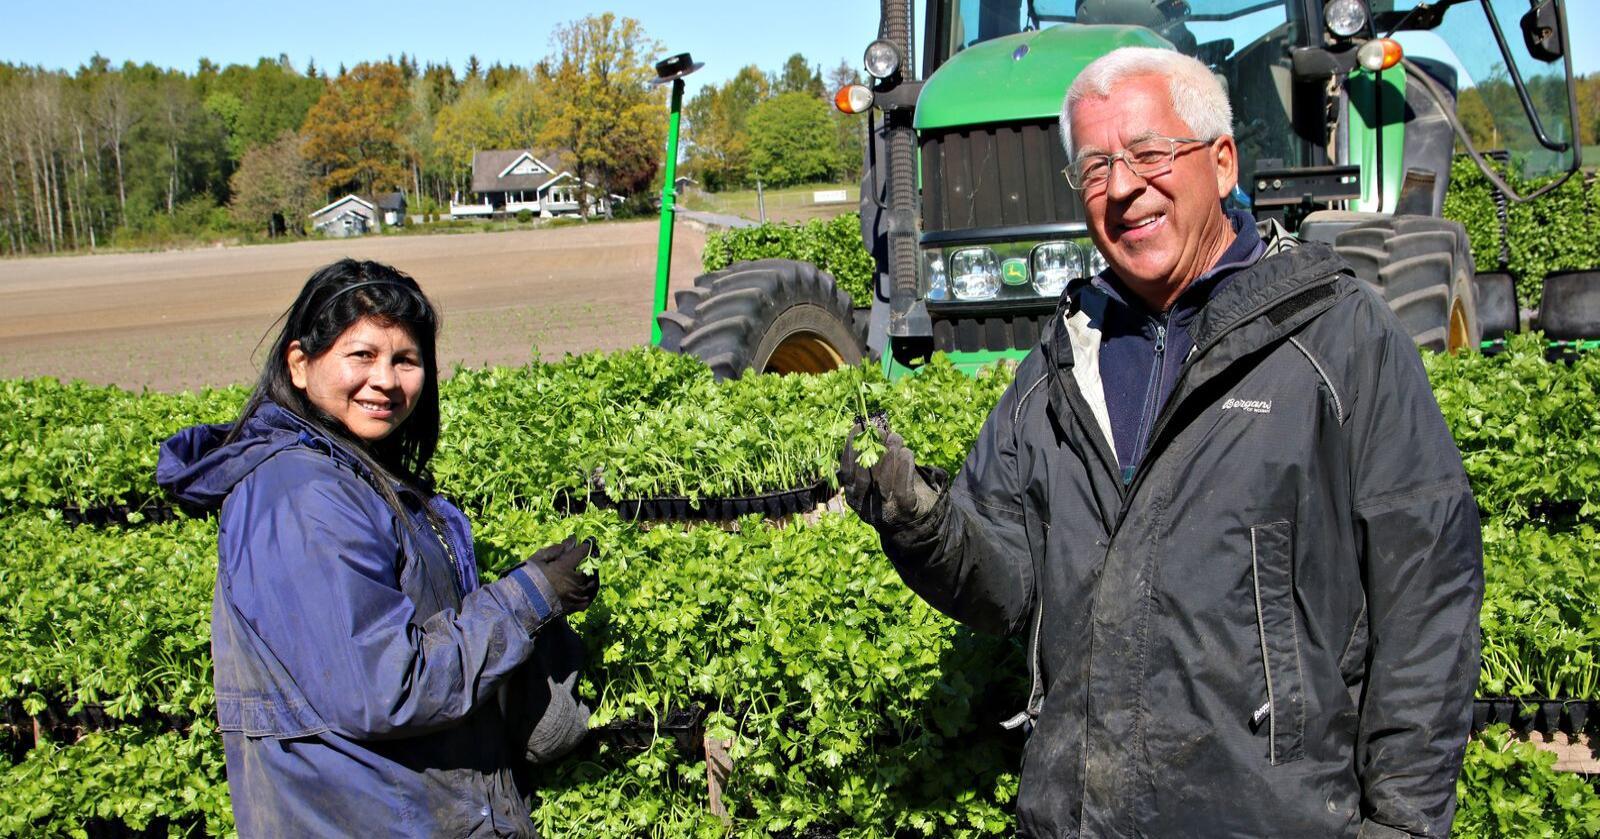 Trivelig: Vanessa Martinez og Olav Führ er permittert fra sine vanlige jobber, og trives godt med å plante selleri. (Foto: Lars Olav Haug)